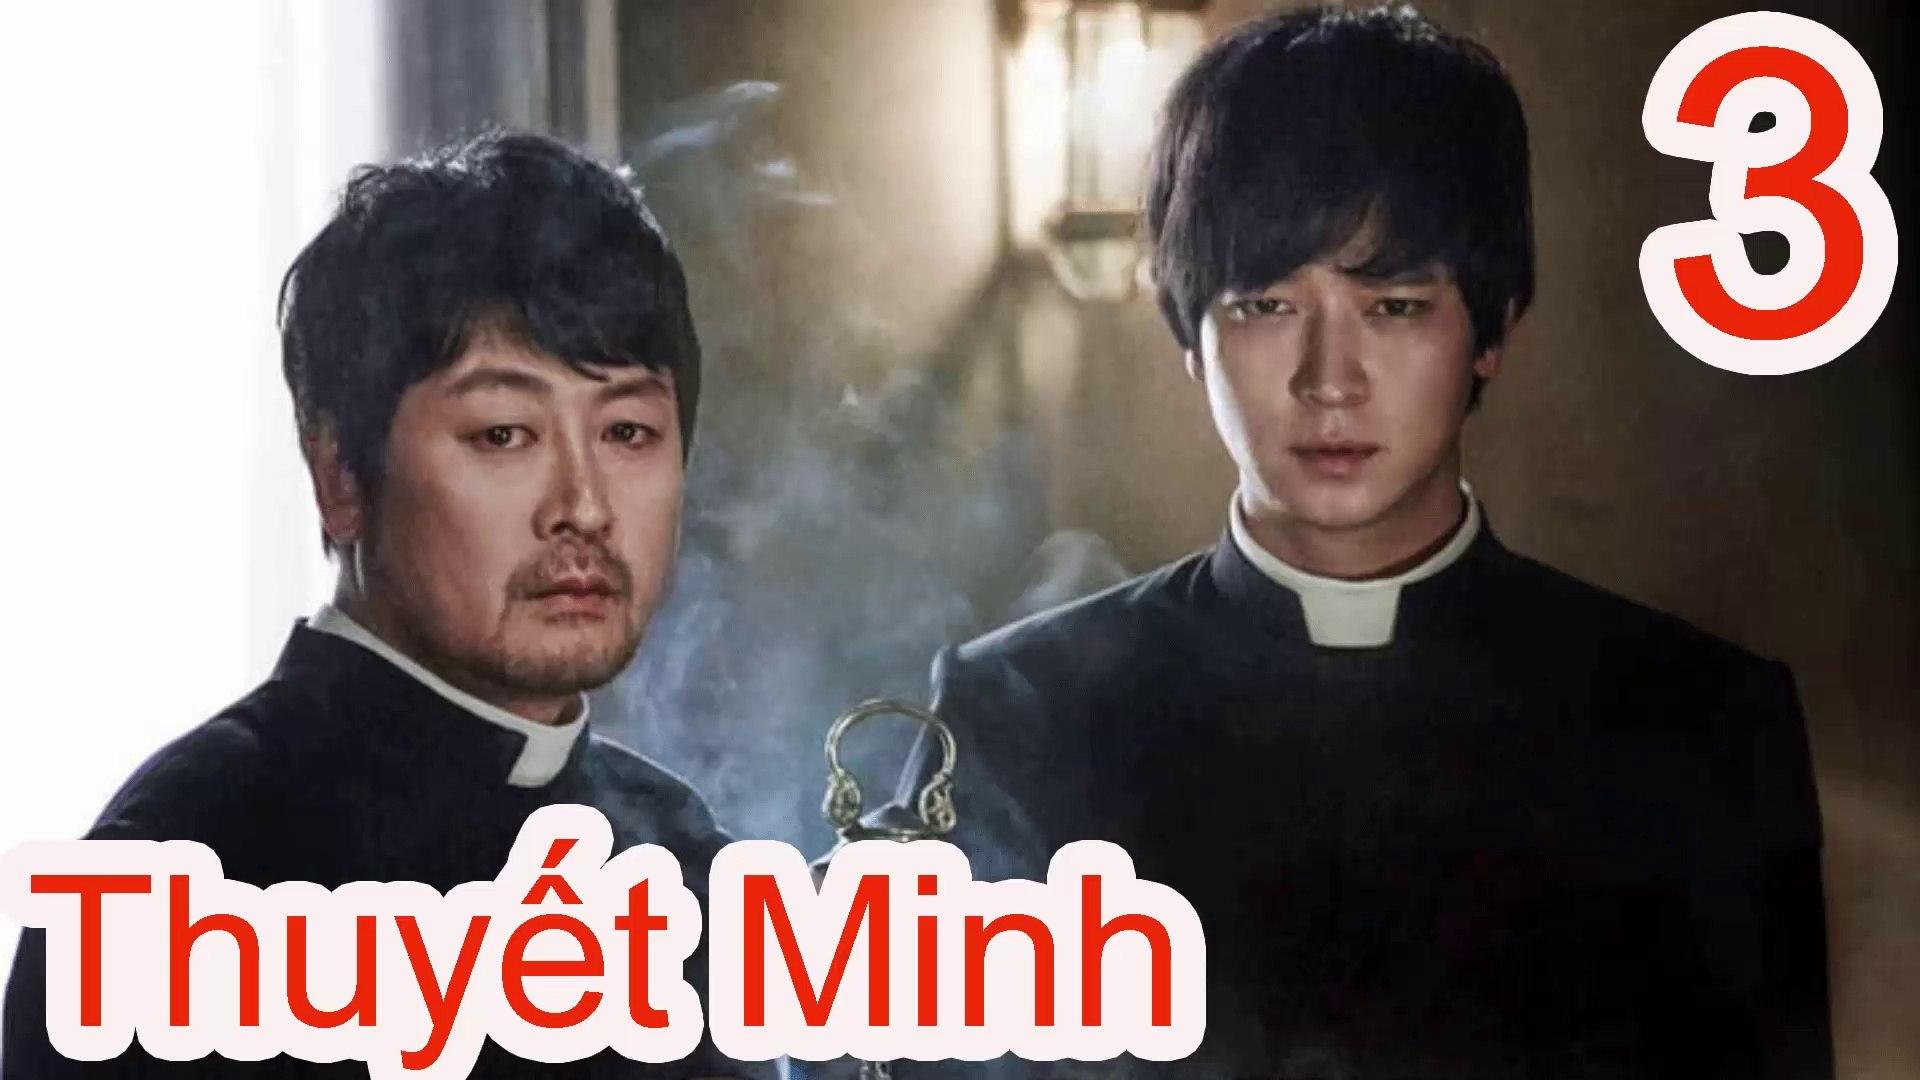 Trừ Tà Thuyết Minh Tập 3 - Phim Hàn Quốc